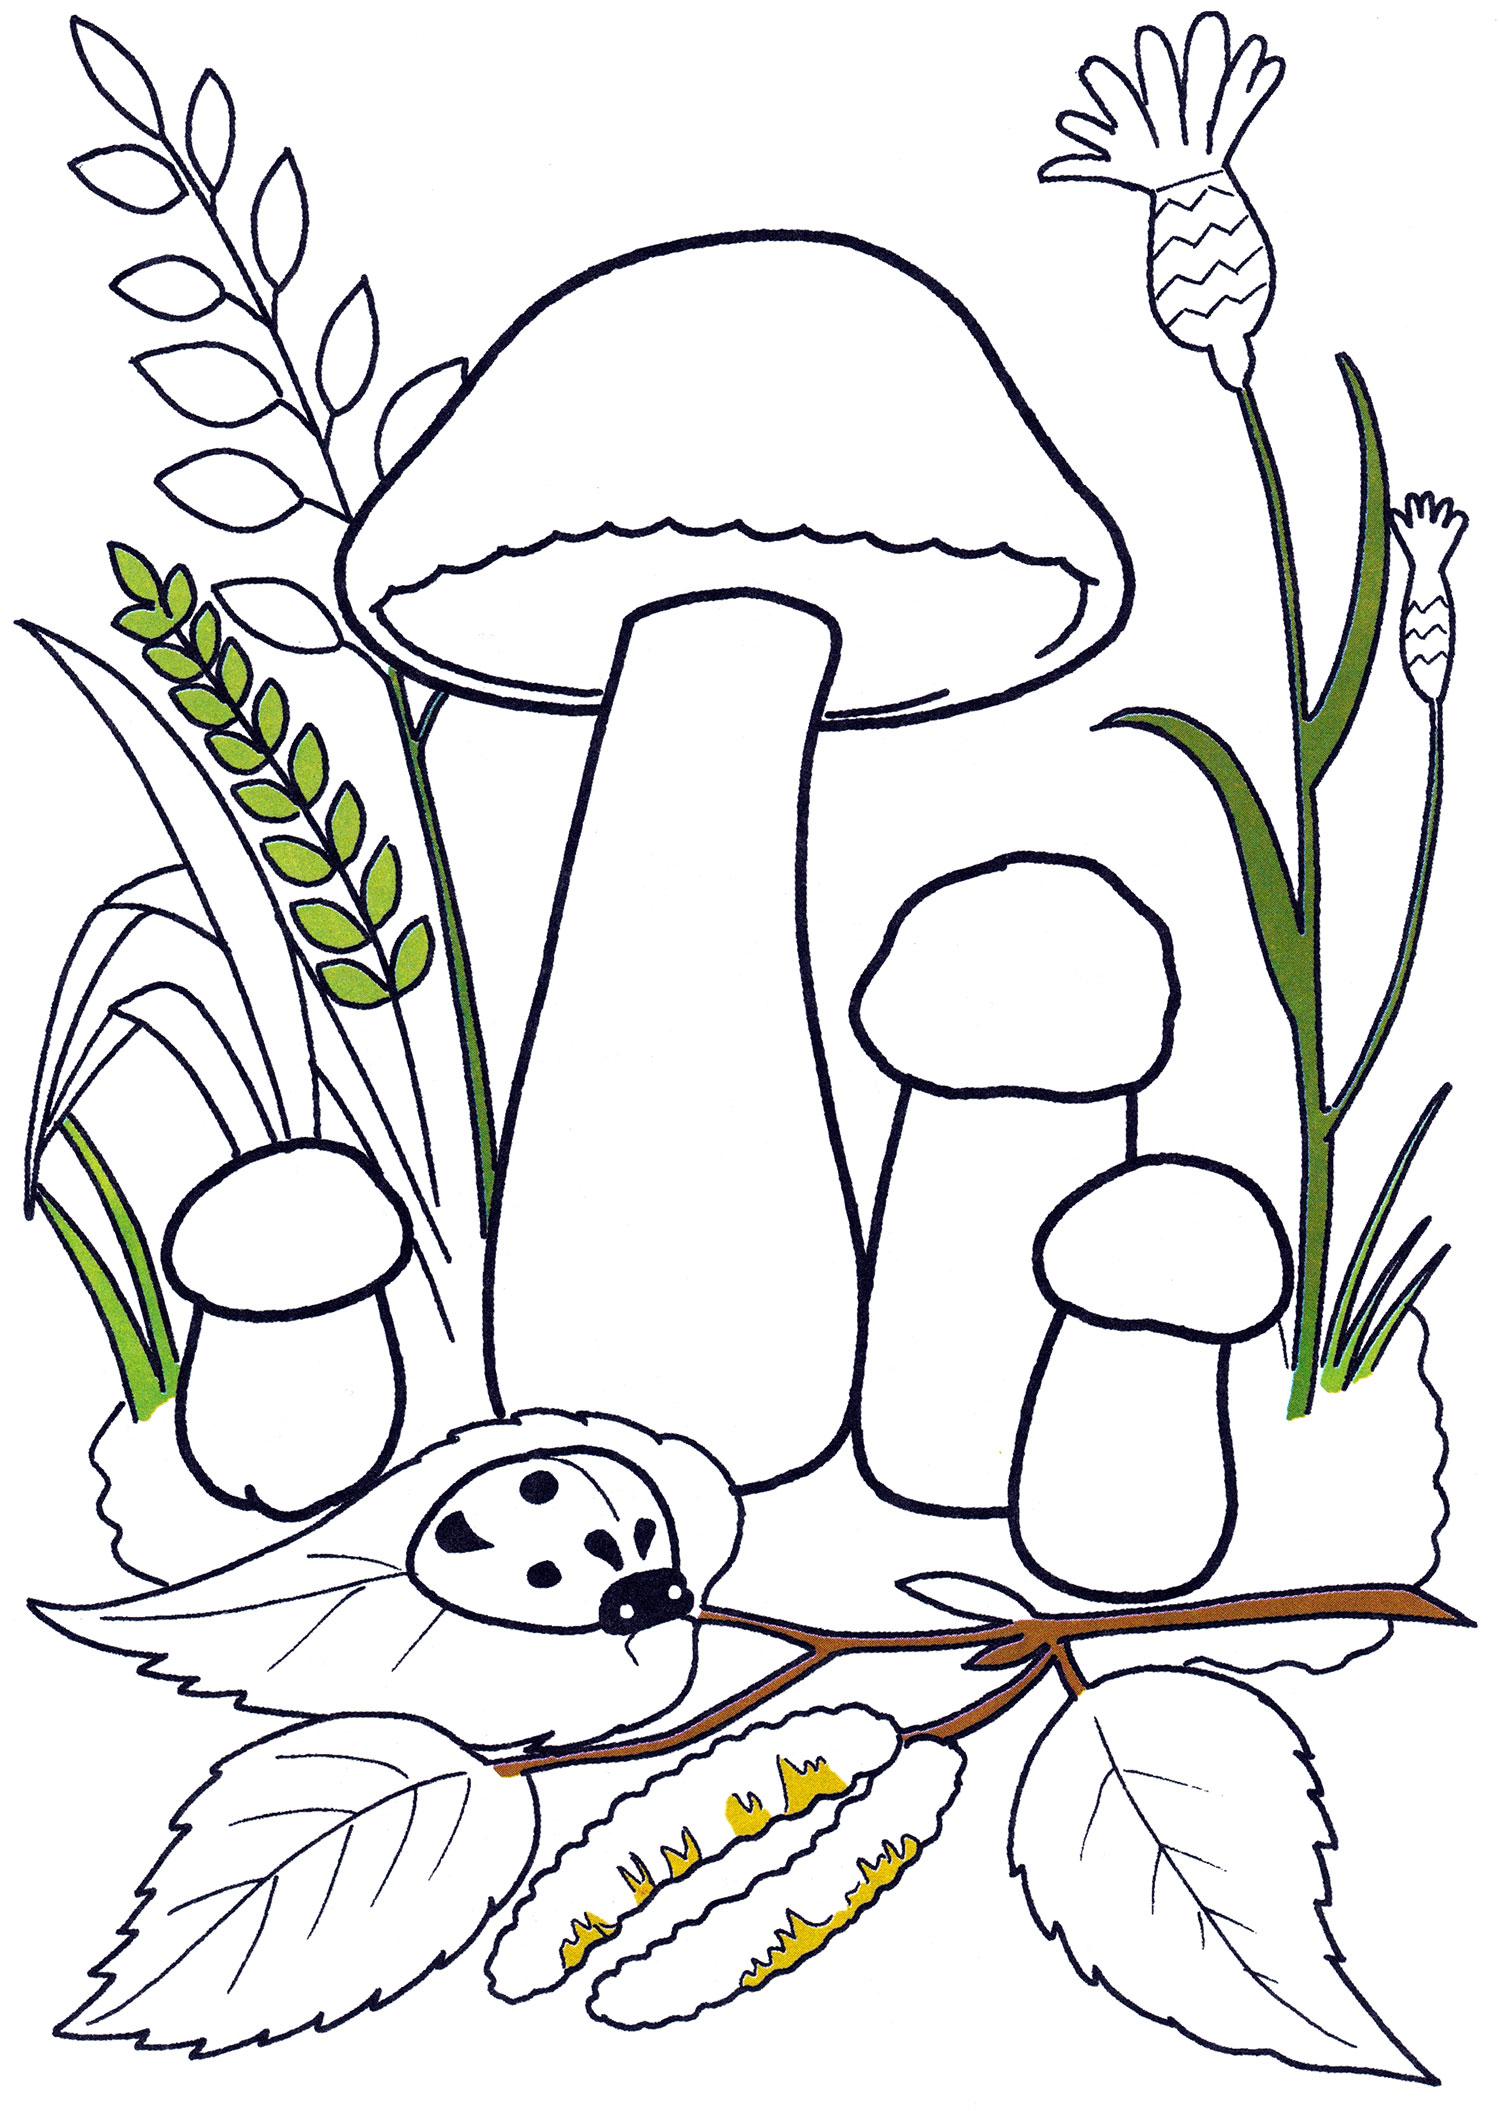 Раскраска Подосиновики в лесу - распечатать бесплатно